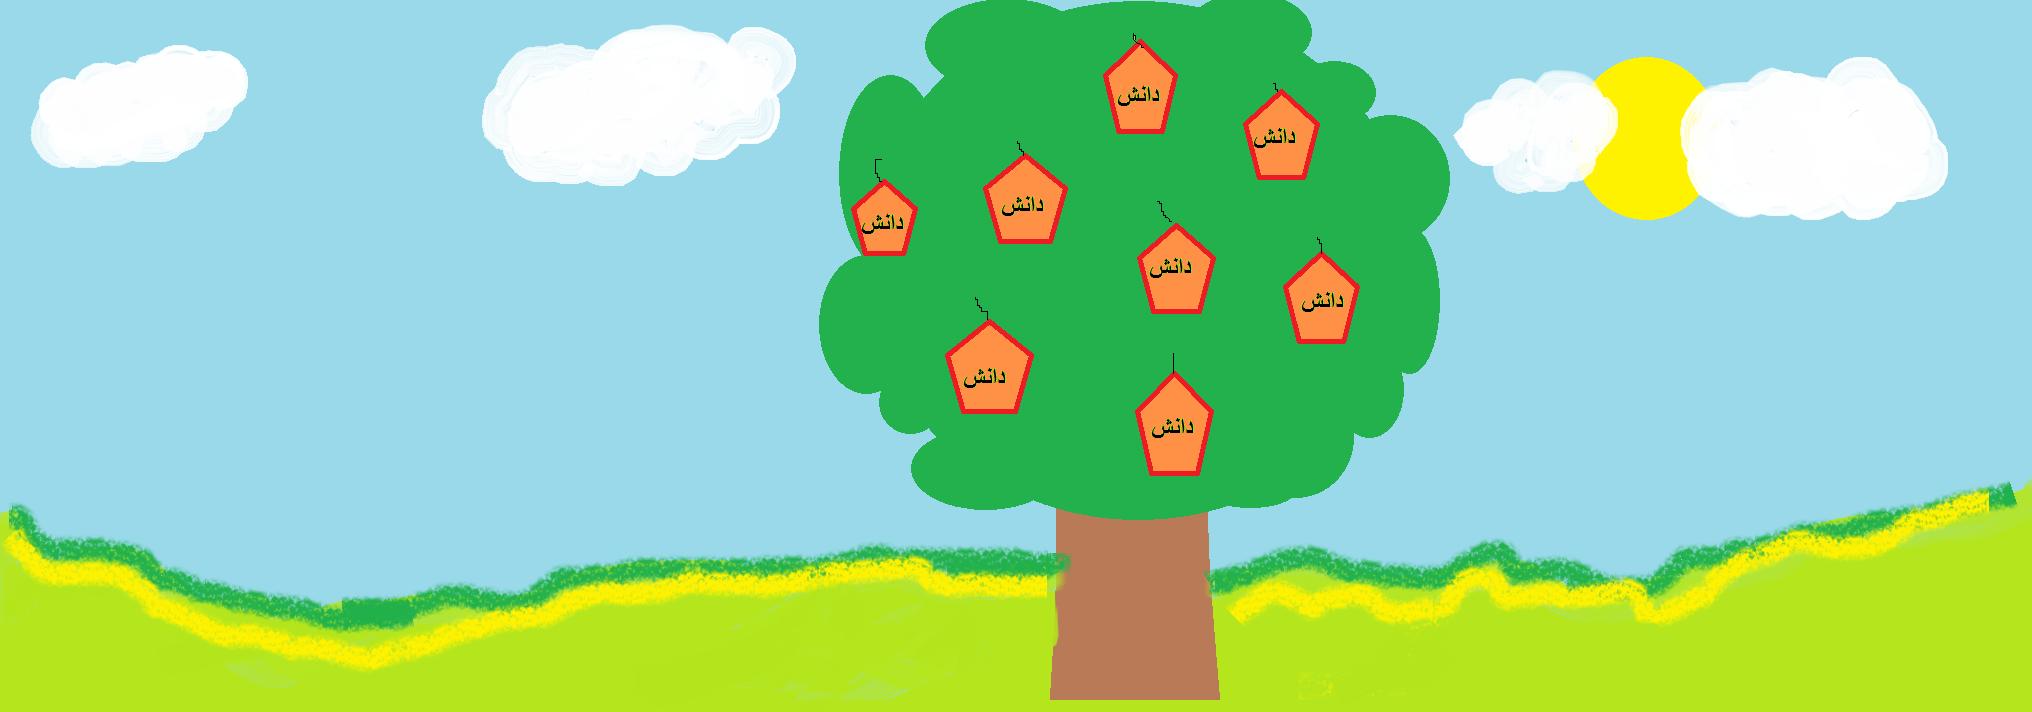 ضرب المثل با نقاشی دانش آموزان ششم امام زمان(عج) کاشانی - فایل های درسی